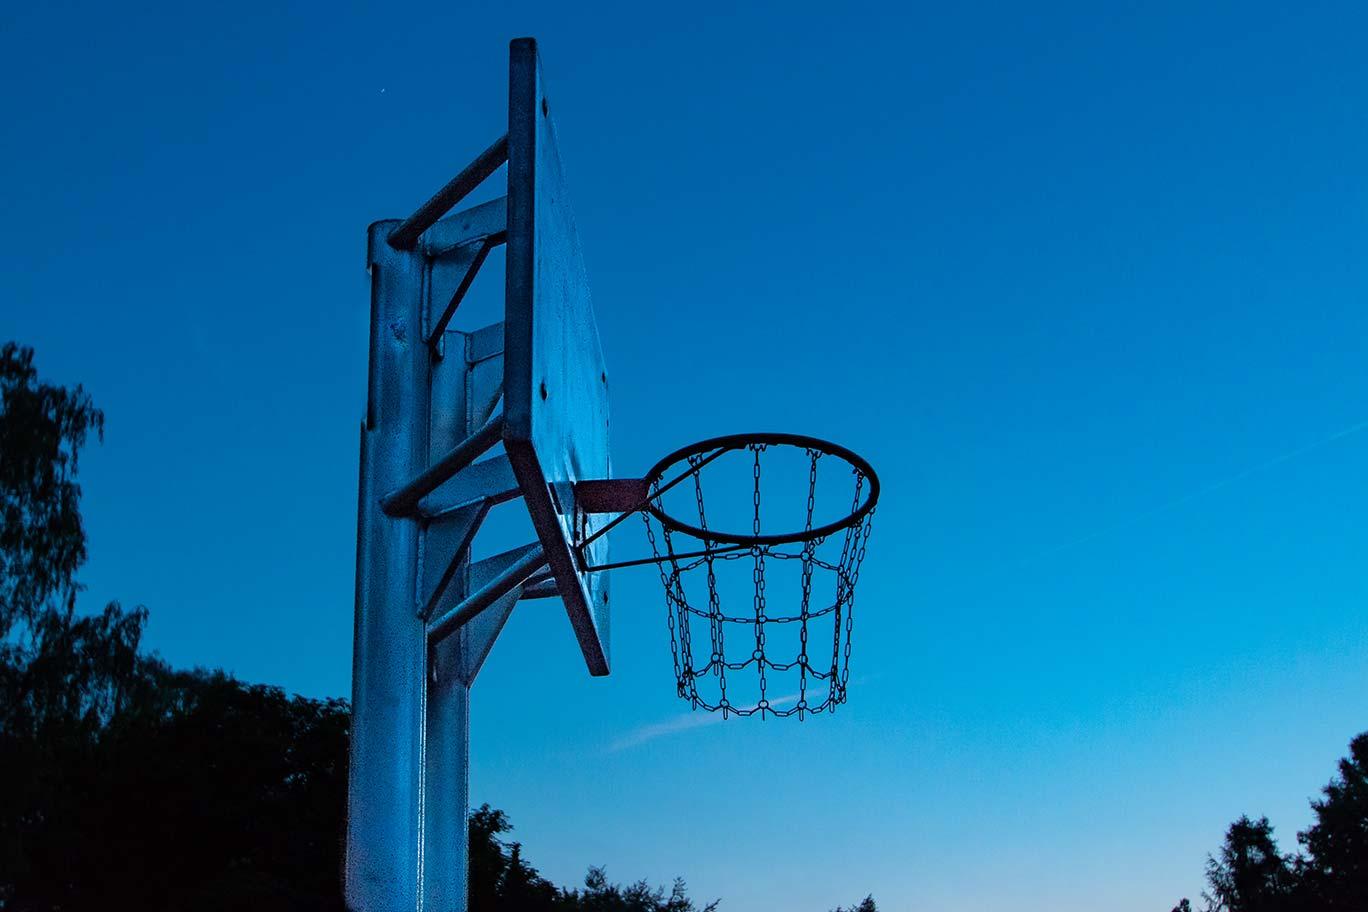 """Basketball-Korbanlage am Abend bei der """"Blauen Stunde"""" aufgenommen"""